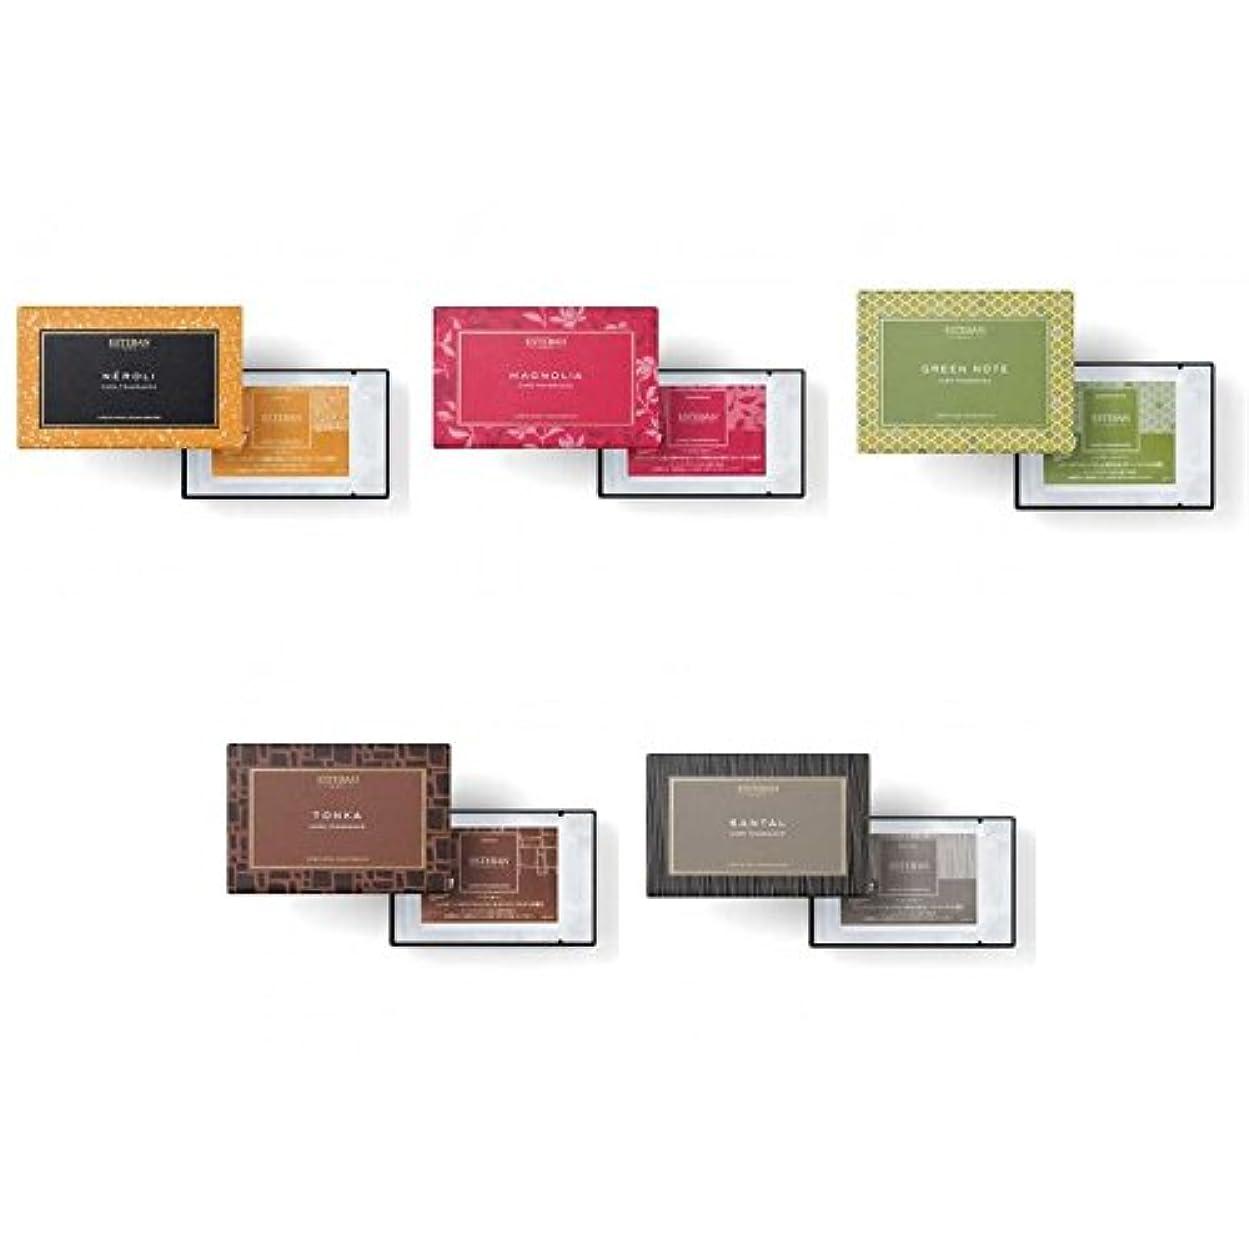 観点心配する組み込むエステバン カードフレグランス 5種セット